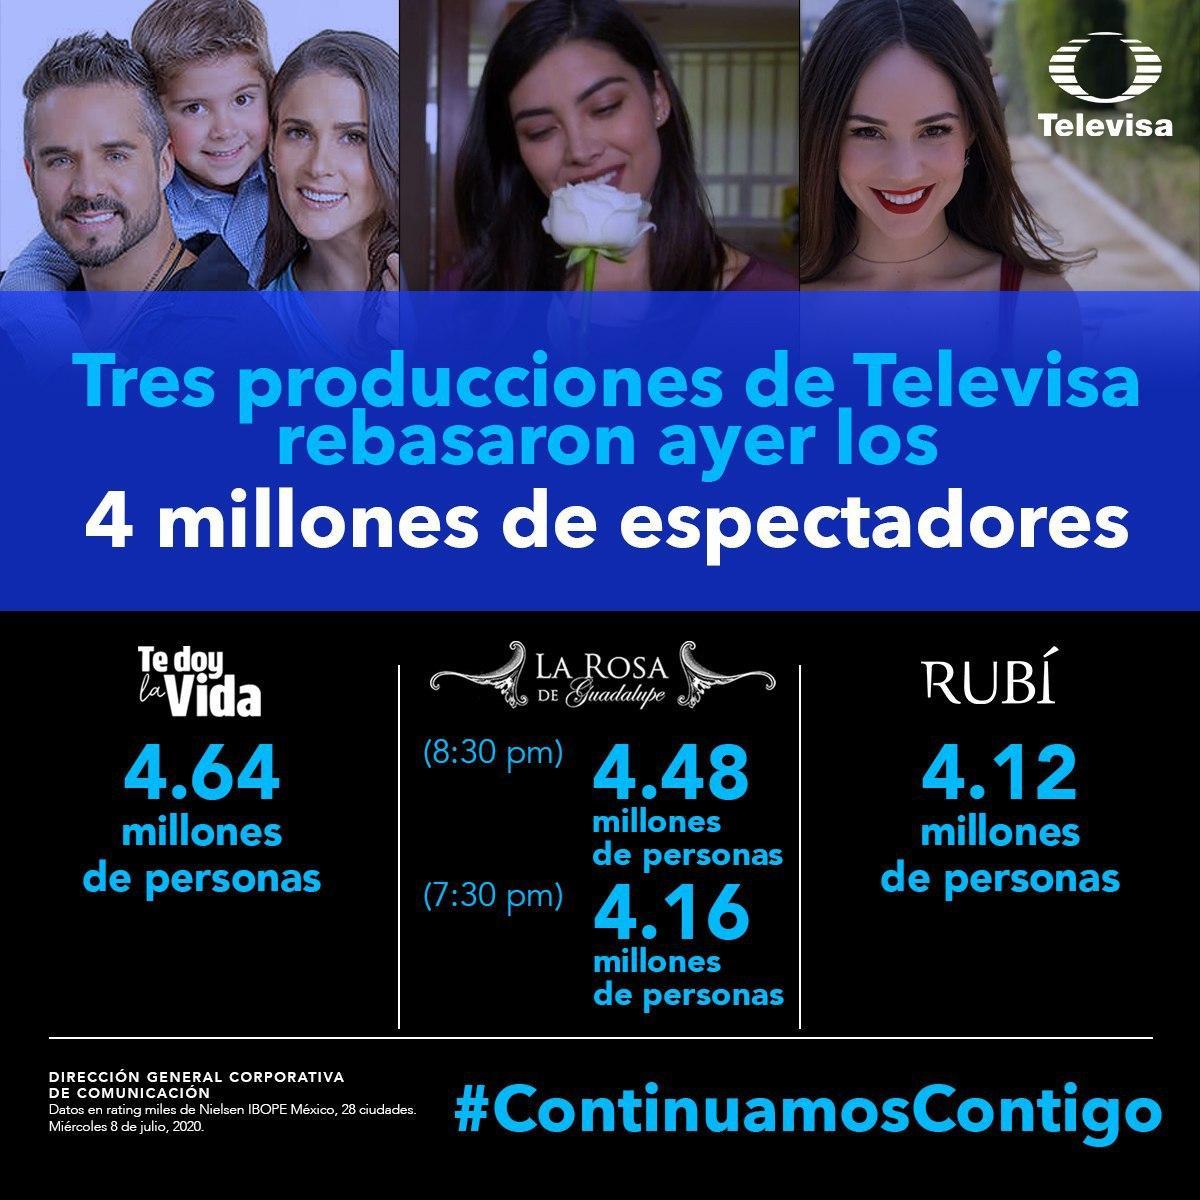 💥¡Producciones de @Televisa superan los 4 millones de espectadores!💥  🙏🏼Gracias a tu preferencia, @TeDoyLaVidaOf❤️, @LaRosaDeGpeOf💨🌹y @RubiLaSerie_Of💋 superaron a la competencia.   #ContinuamosContigo